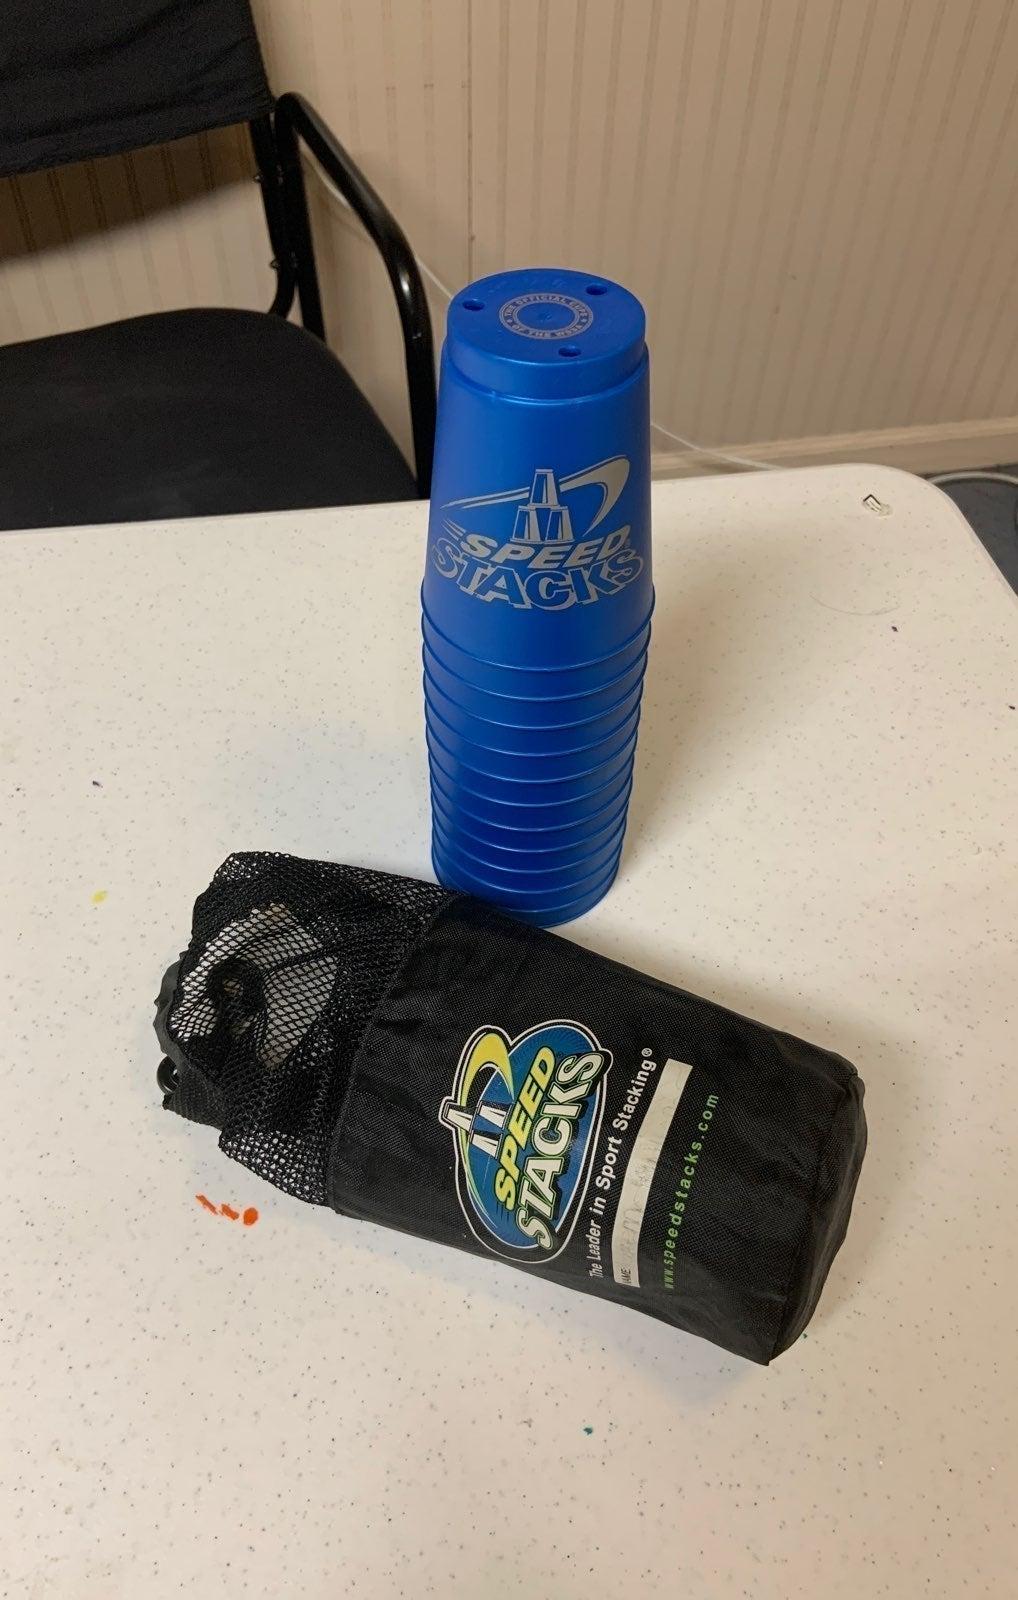 Blue Speedstacks cups with bag